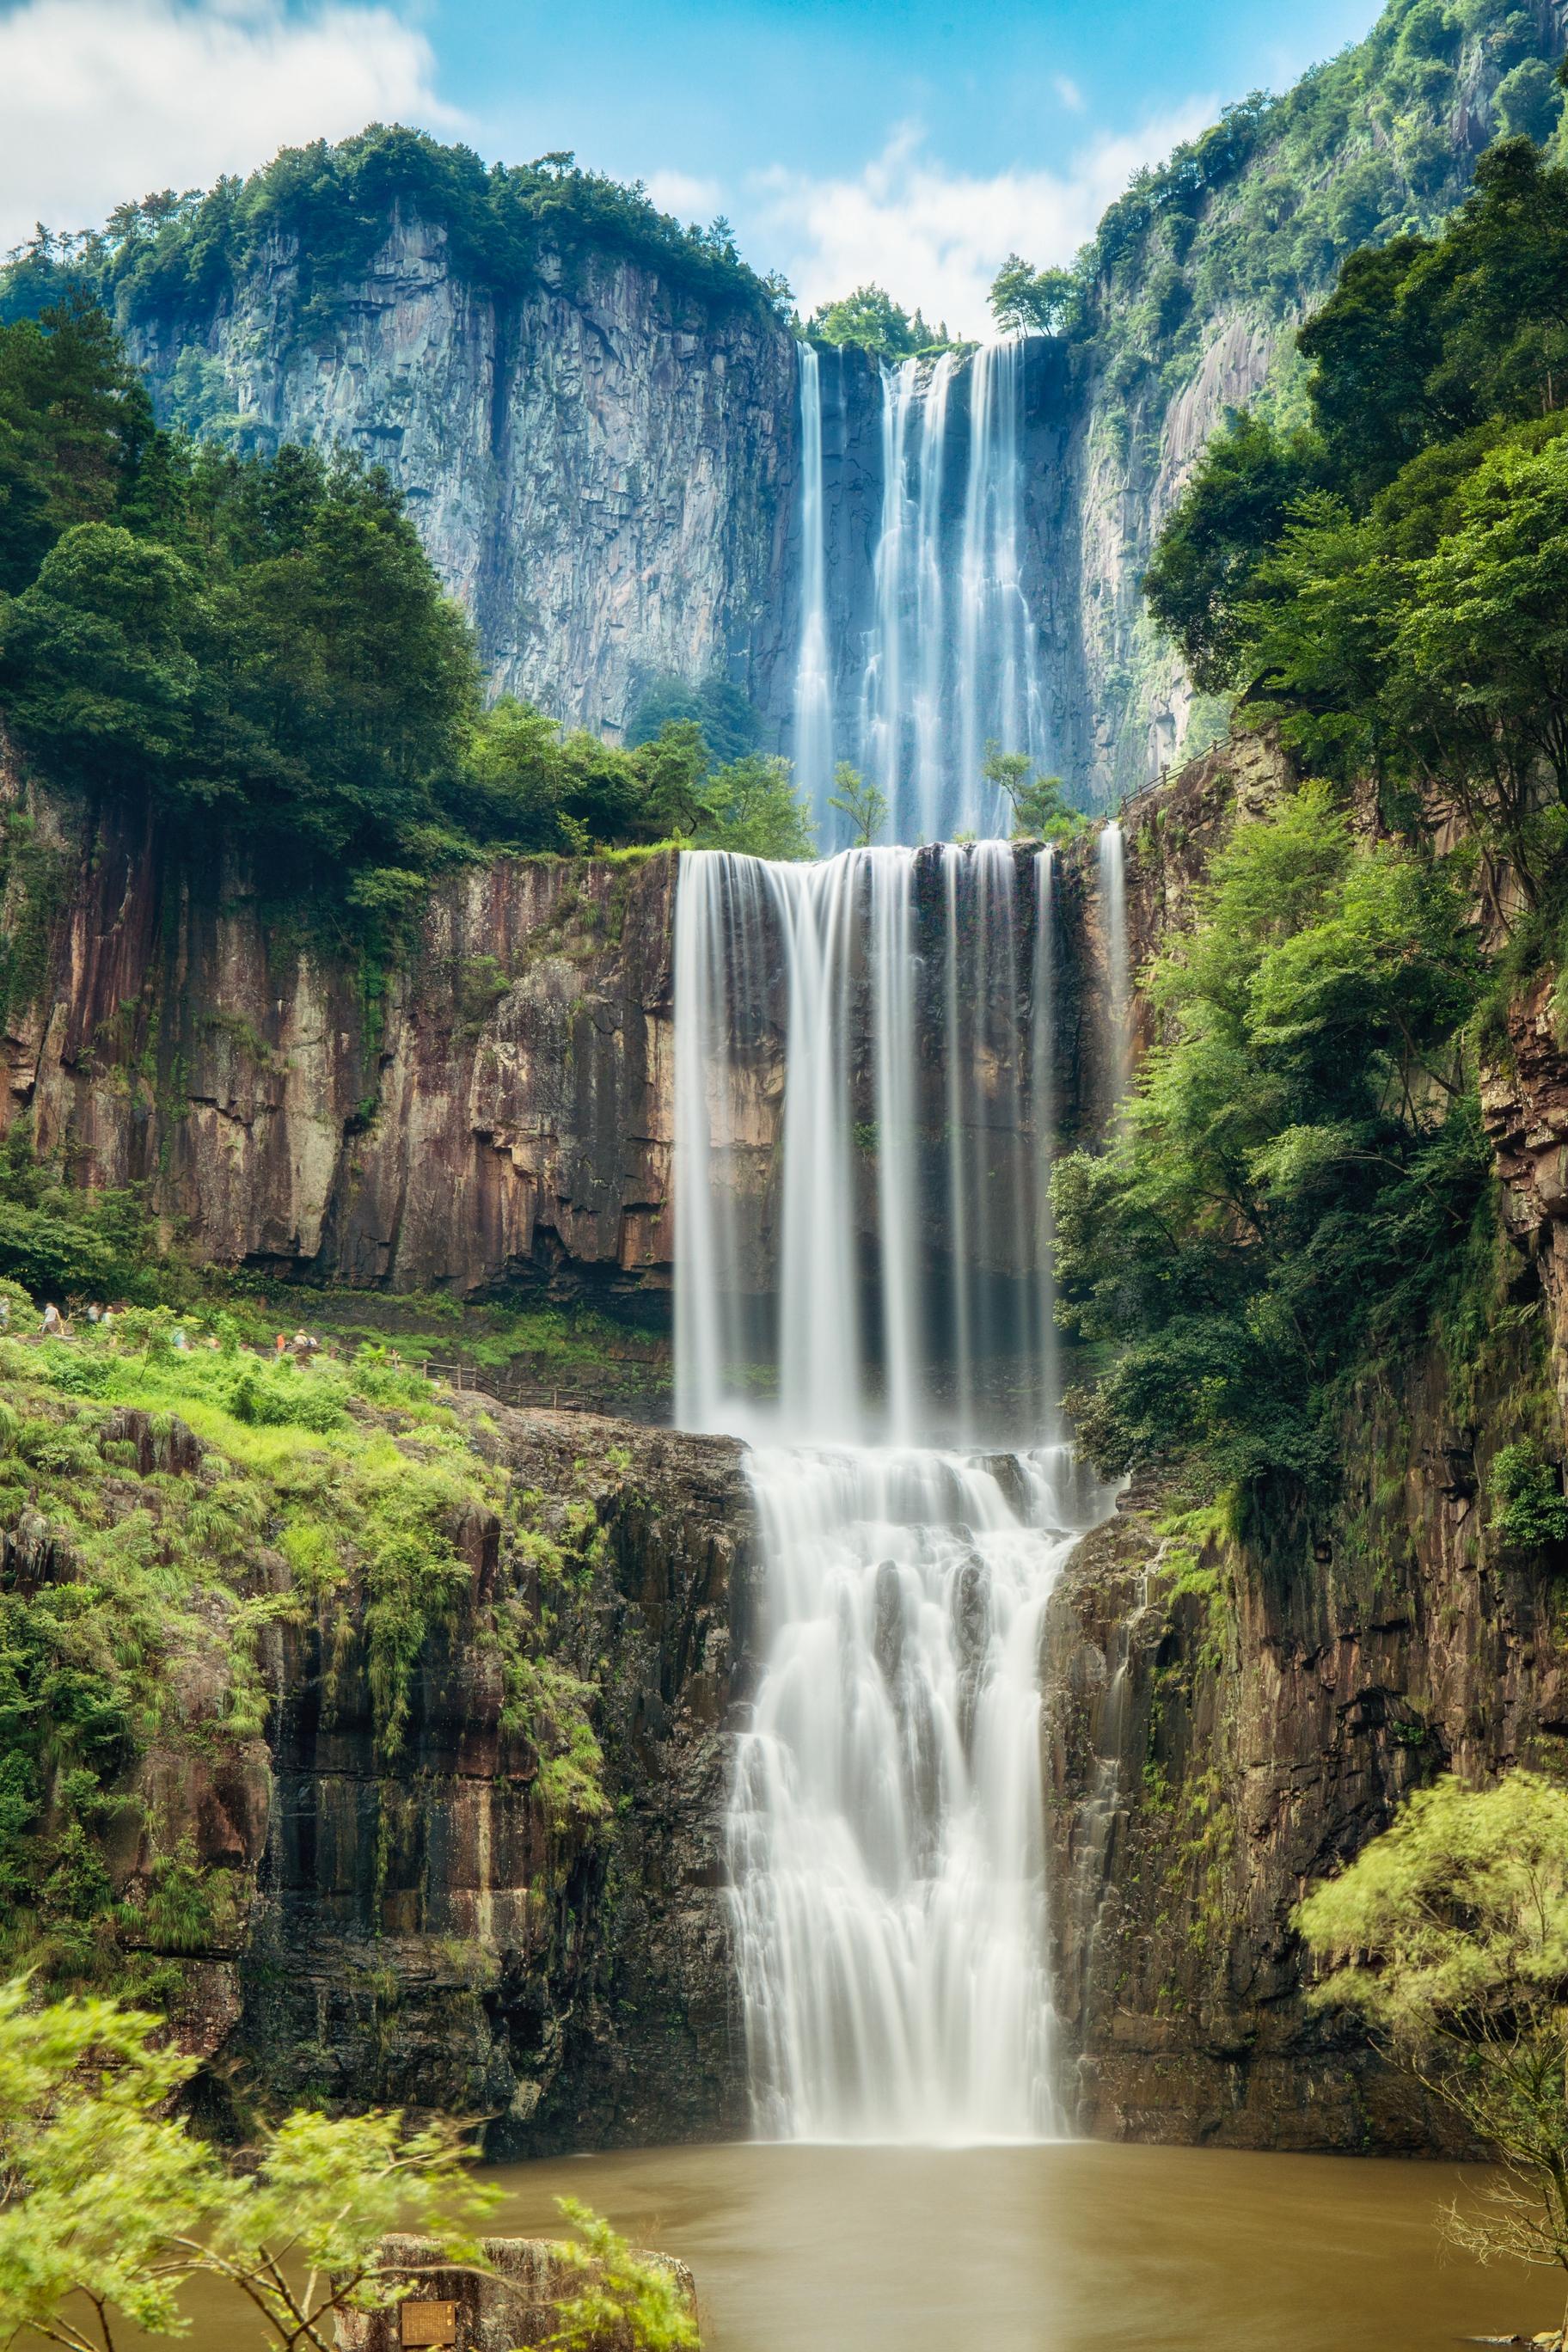 溫州百丈飛瀑 +天頂湖+劉伯溫故里旅遊景區-百丈漈一日遊(溫州包車遊)